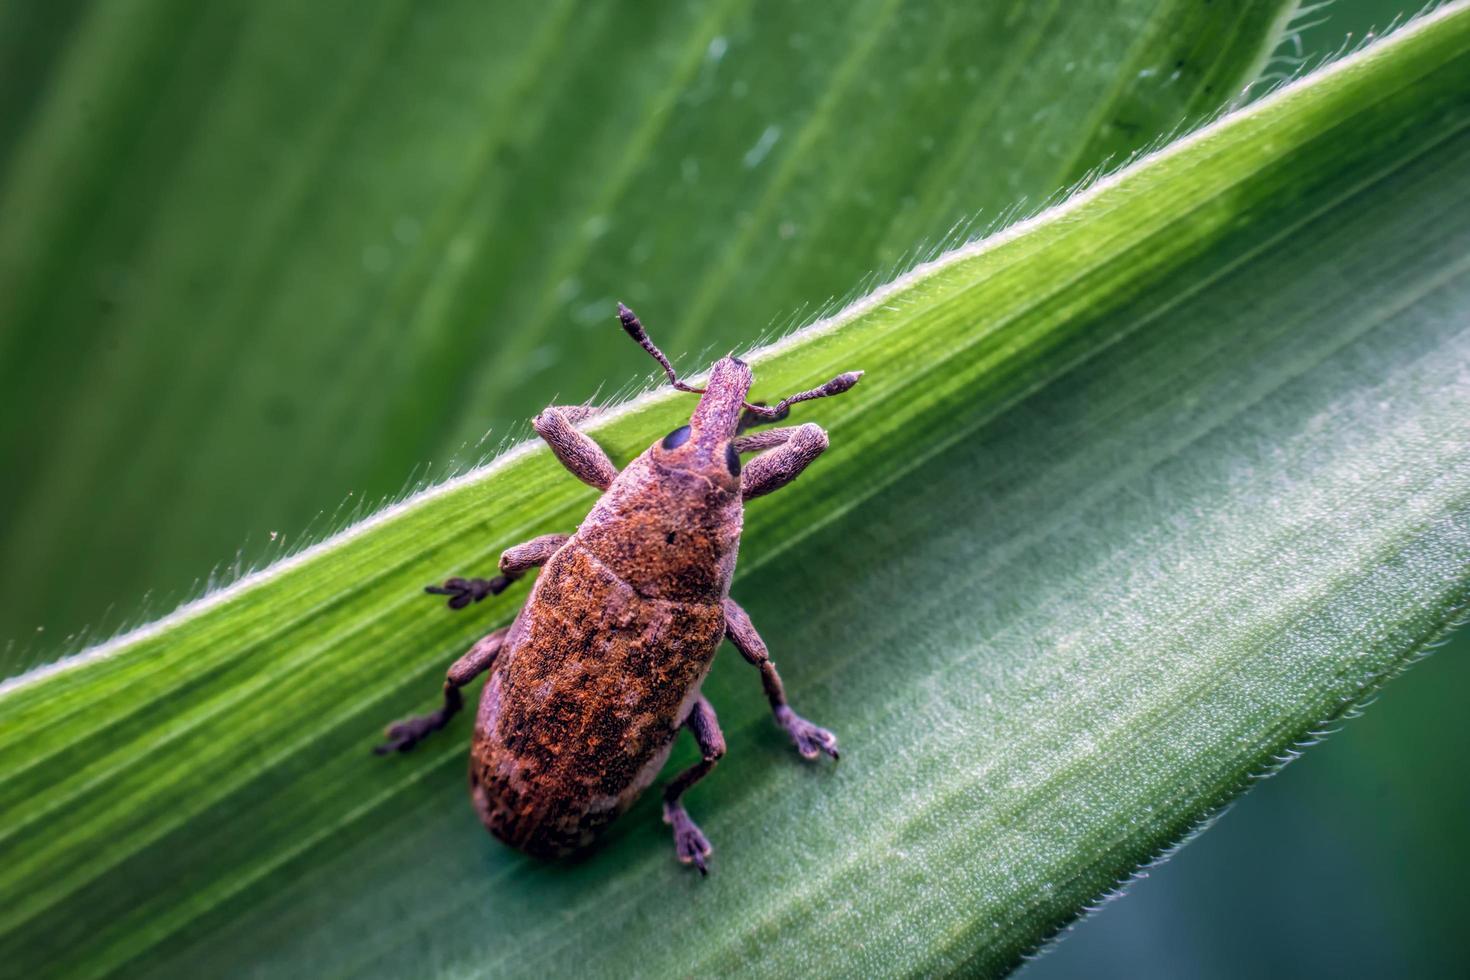 Nahaufnahme von Rüsselkäfer auf einem Blatt. ein Gelbkäferinsekt mit dem lateinischen Namen Curculionoidea. foto